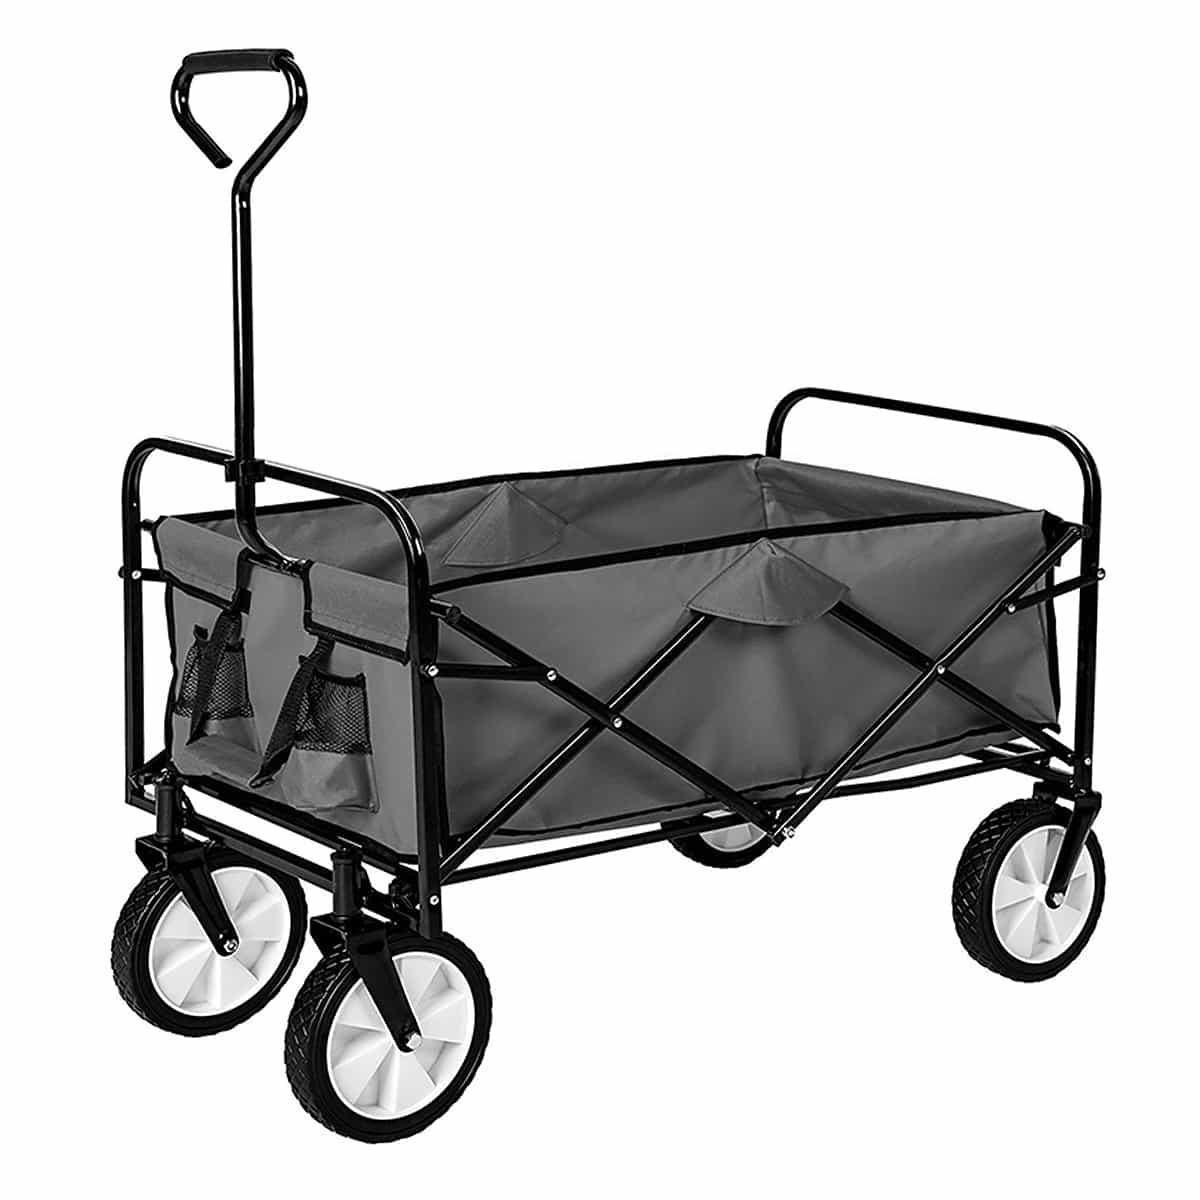 Chariot de jardin pliable - Remorque à main 7 roues - Sac, Baquet ...